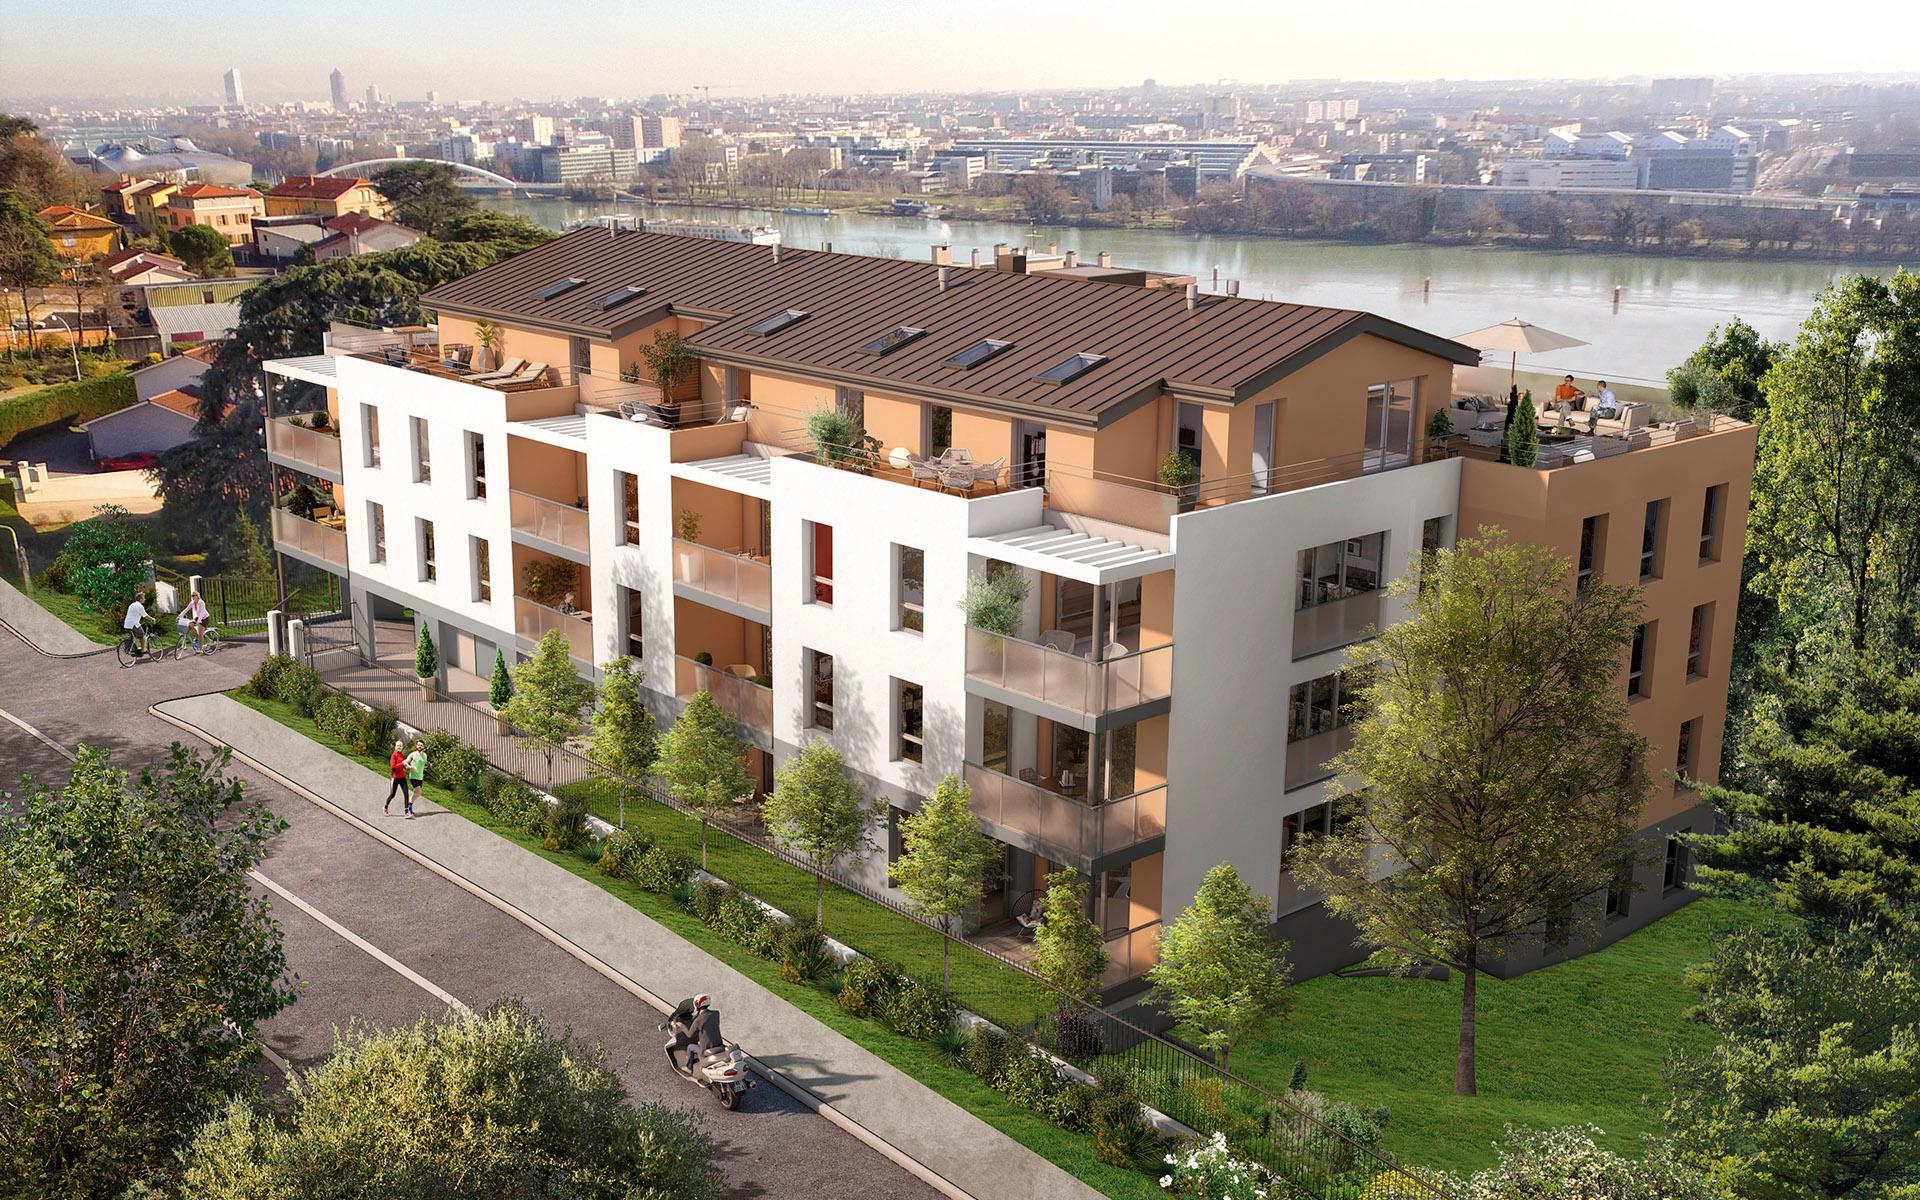 Programme immobilier AJA2 appartement à La Mulatière (69350) LYON LA MULATIERE